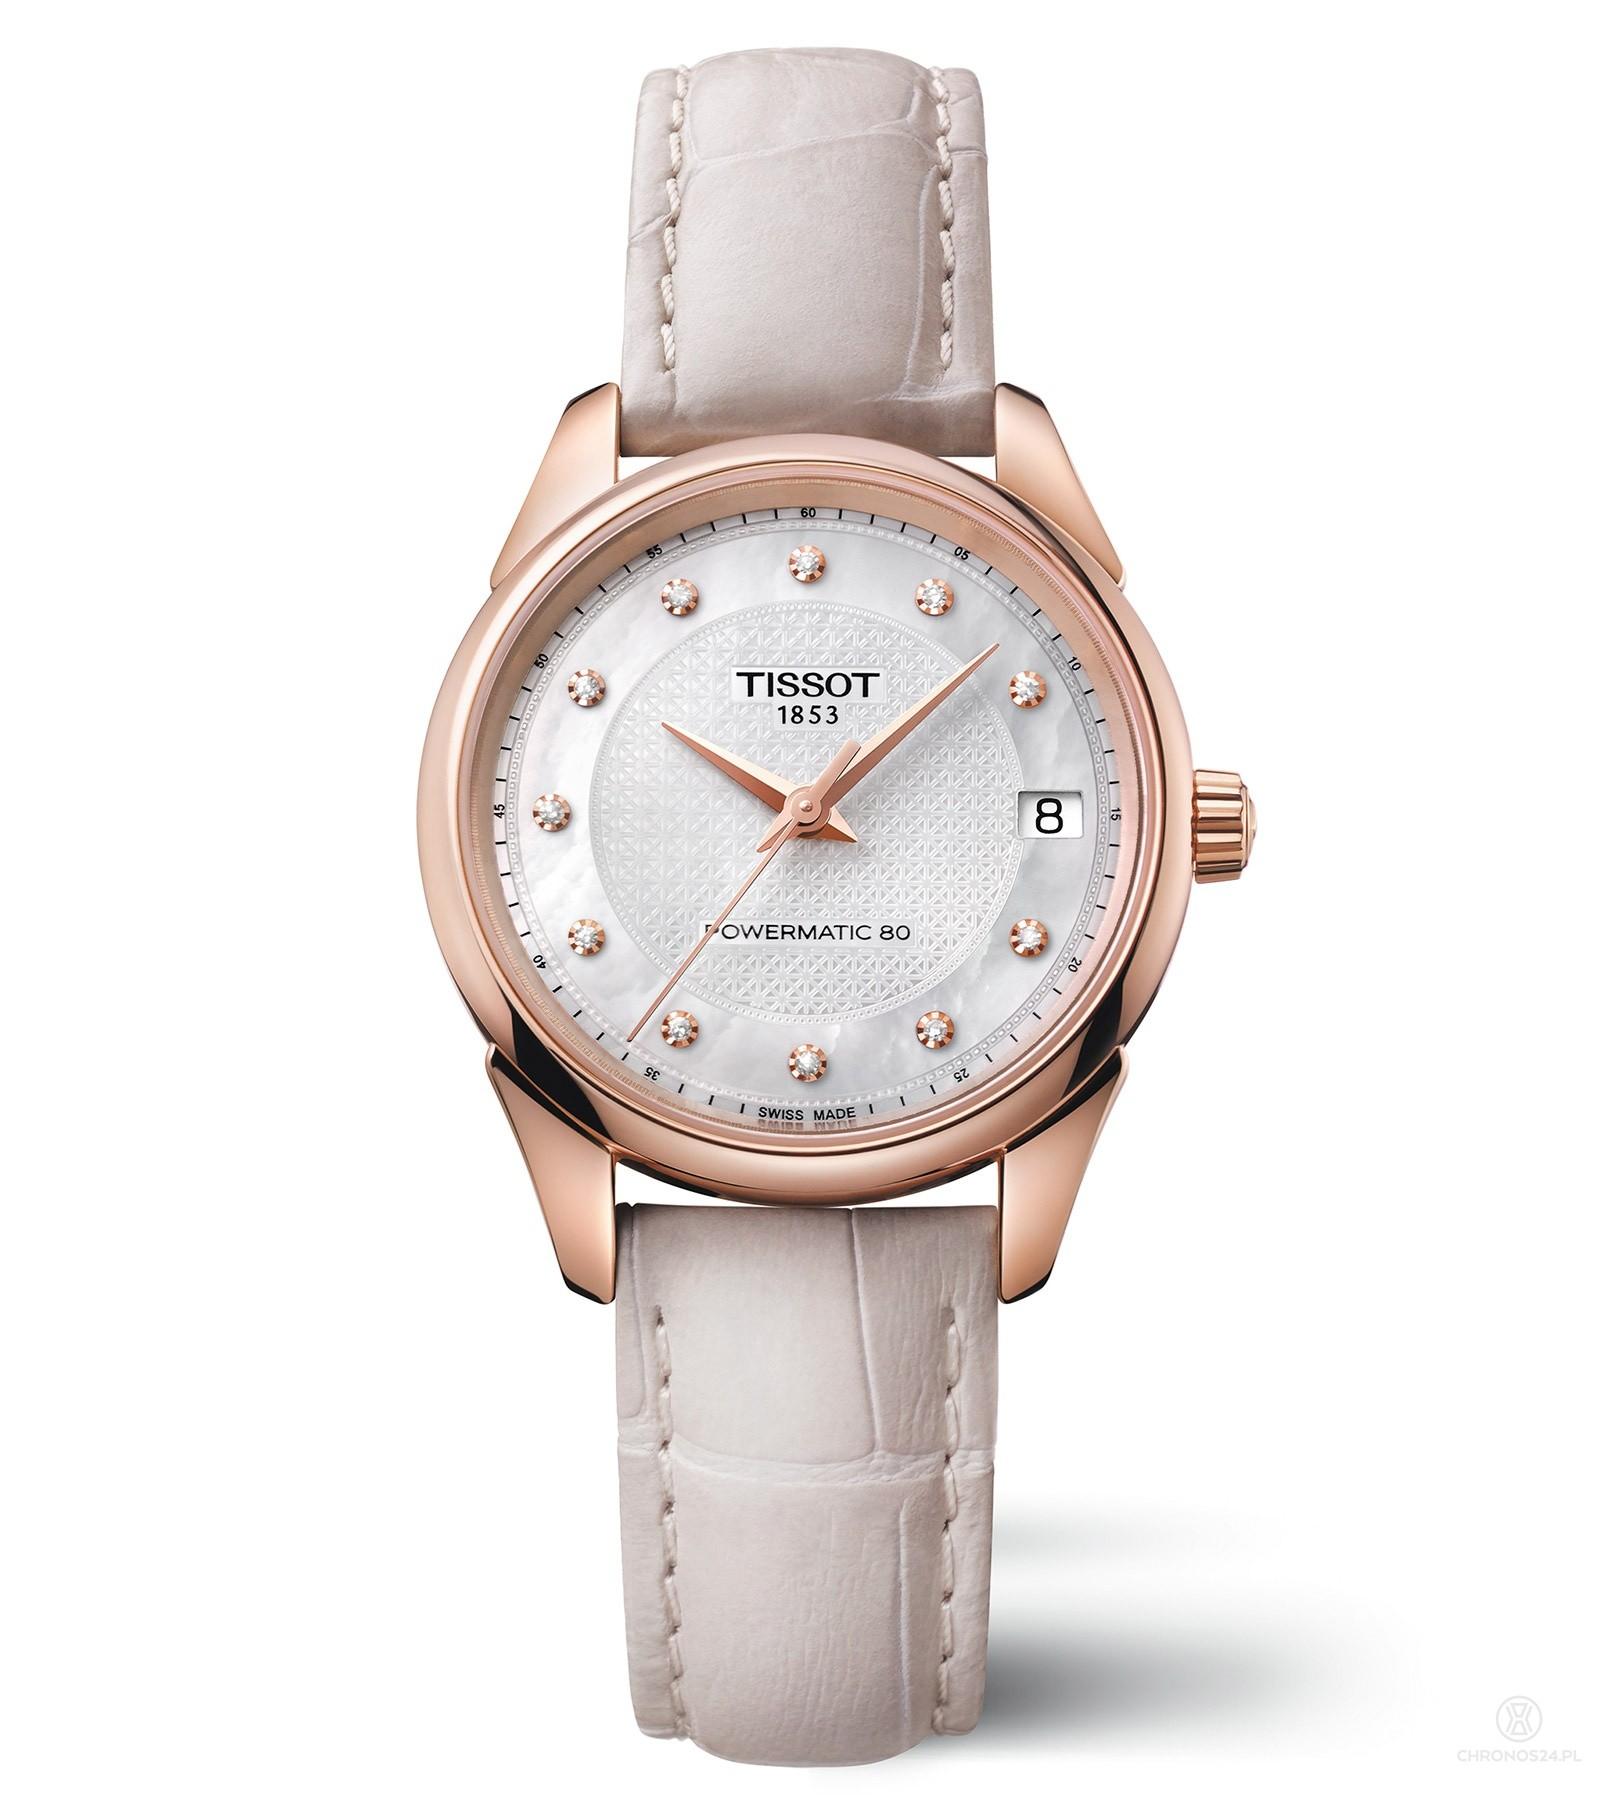 Женские часы тиссот с бриллиантами купить